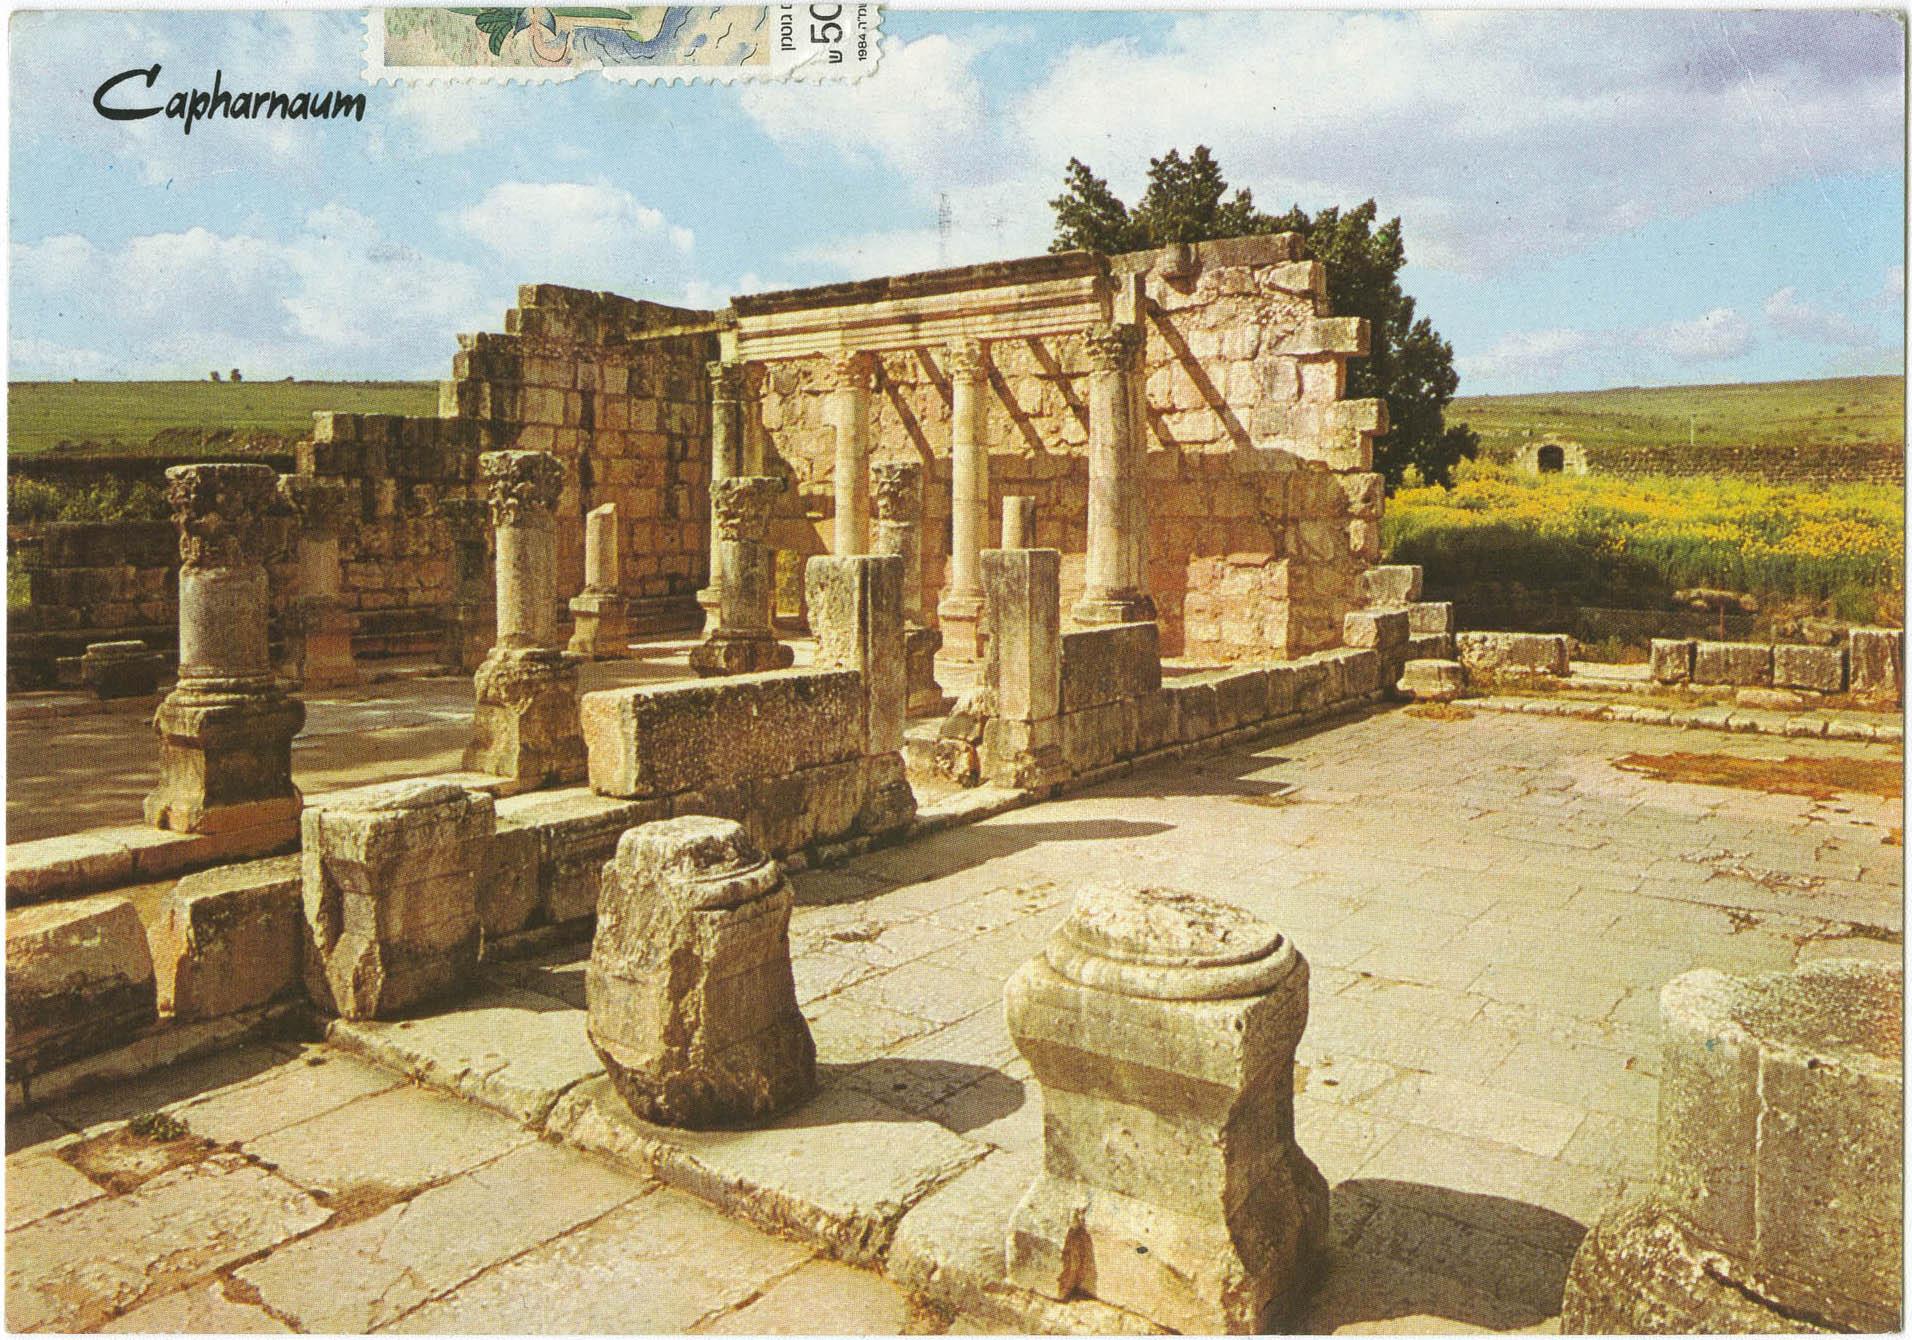 כפר נחום, שרידי בית הכנסת העתיק / Capharnaum, ruins of the ancient synagogue / Capharnaum, ruines d'une ancienne synagogue / Capharnam, Ruinen einer alten Synagoge